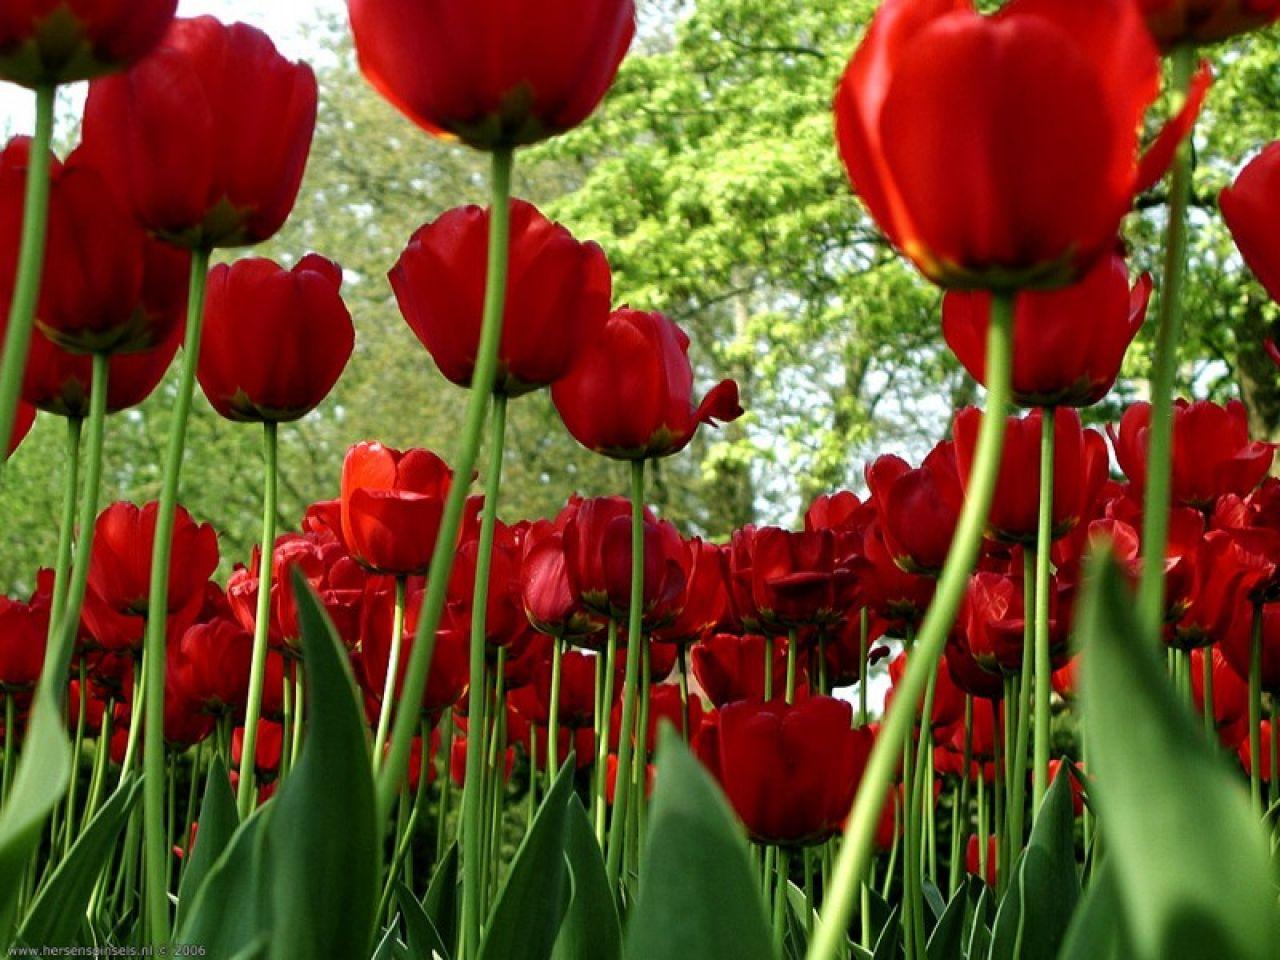 7 imagenes de regalos de rosas rojas y frases tiernas para  - Flores De Rosas Rojas Fotos